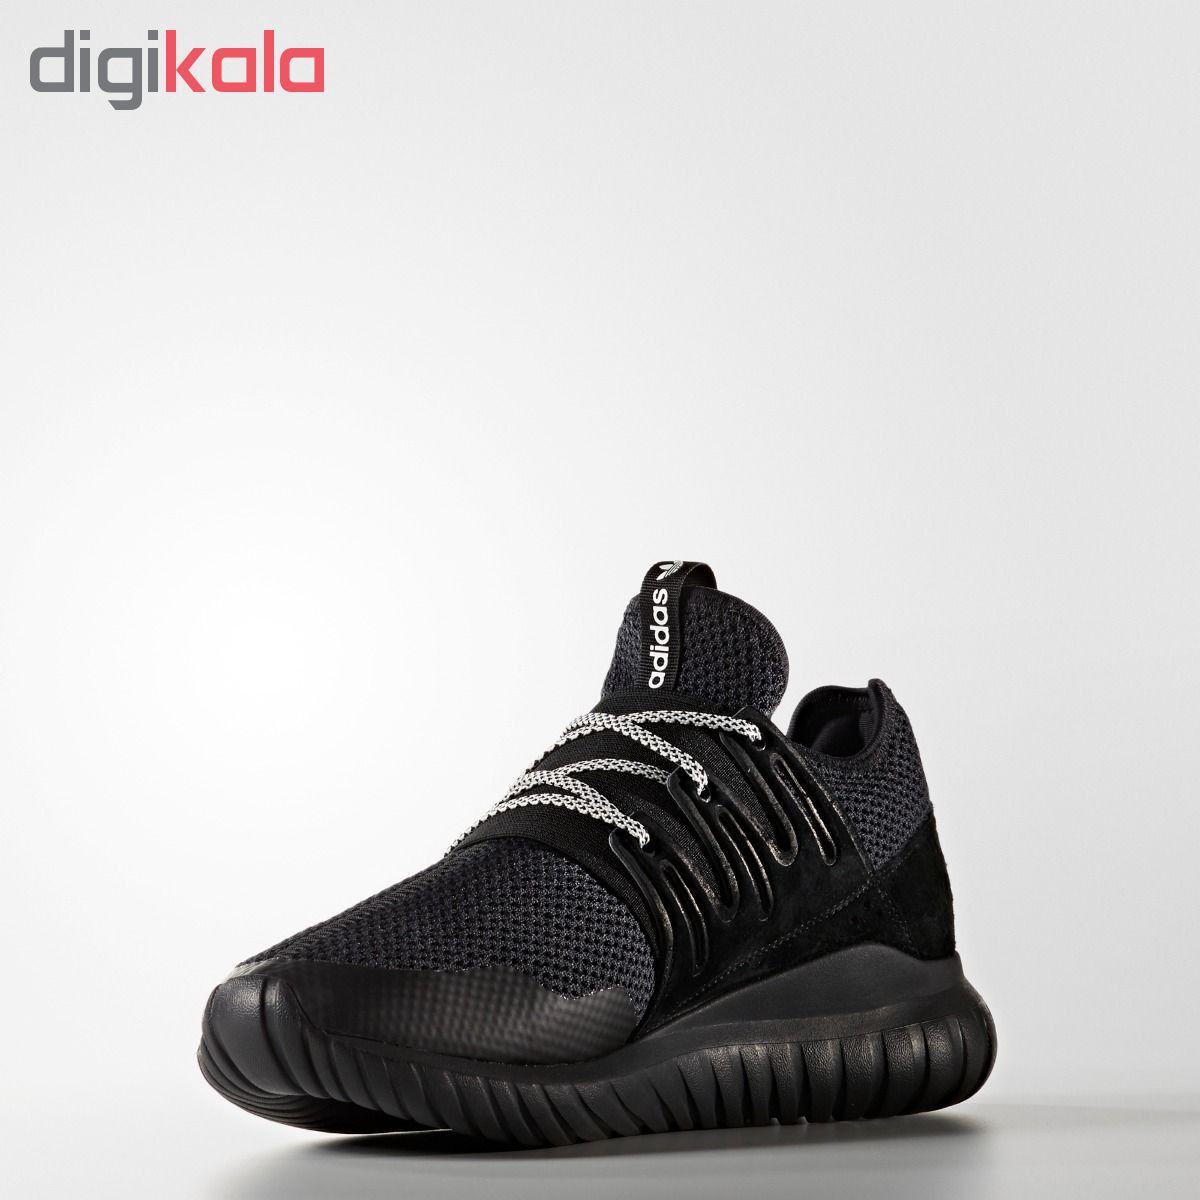 کفش راحتی مردانه آدیداس مدل Tubular Radial کد s76719